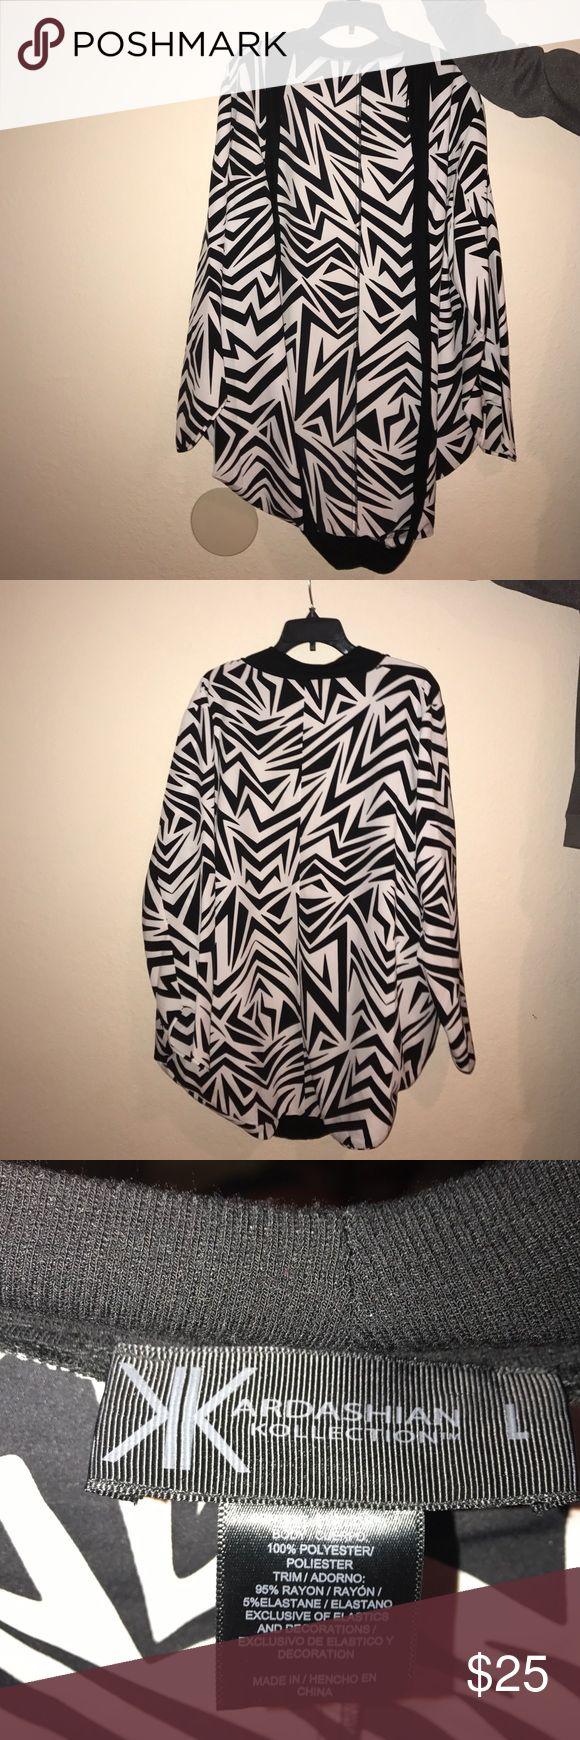 Kardashian kollection kimono Black and white Kardashian kollection kimono. Never used, great material. Makes an outfit pop! Kardashian Kollection Jackets & Coats Capes